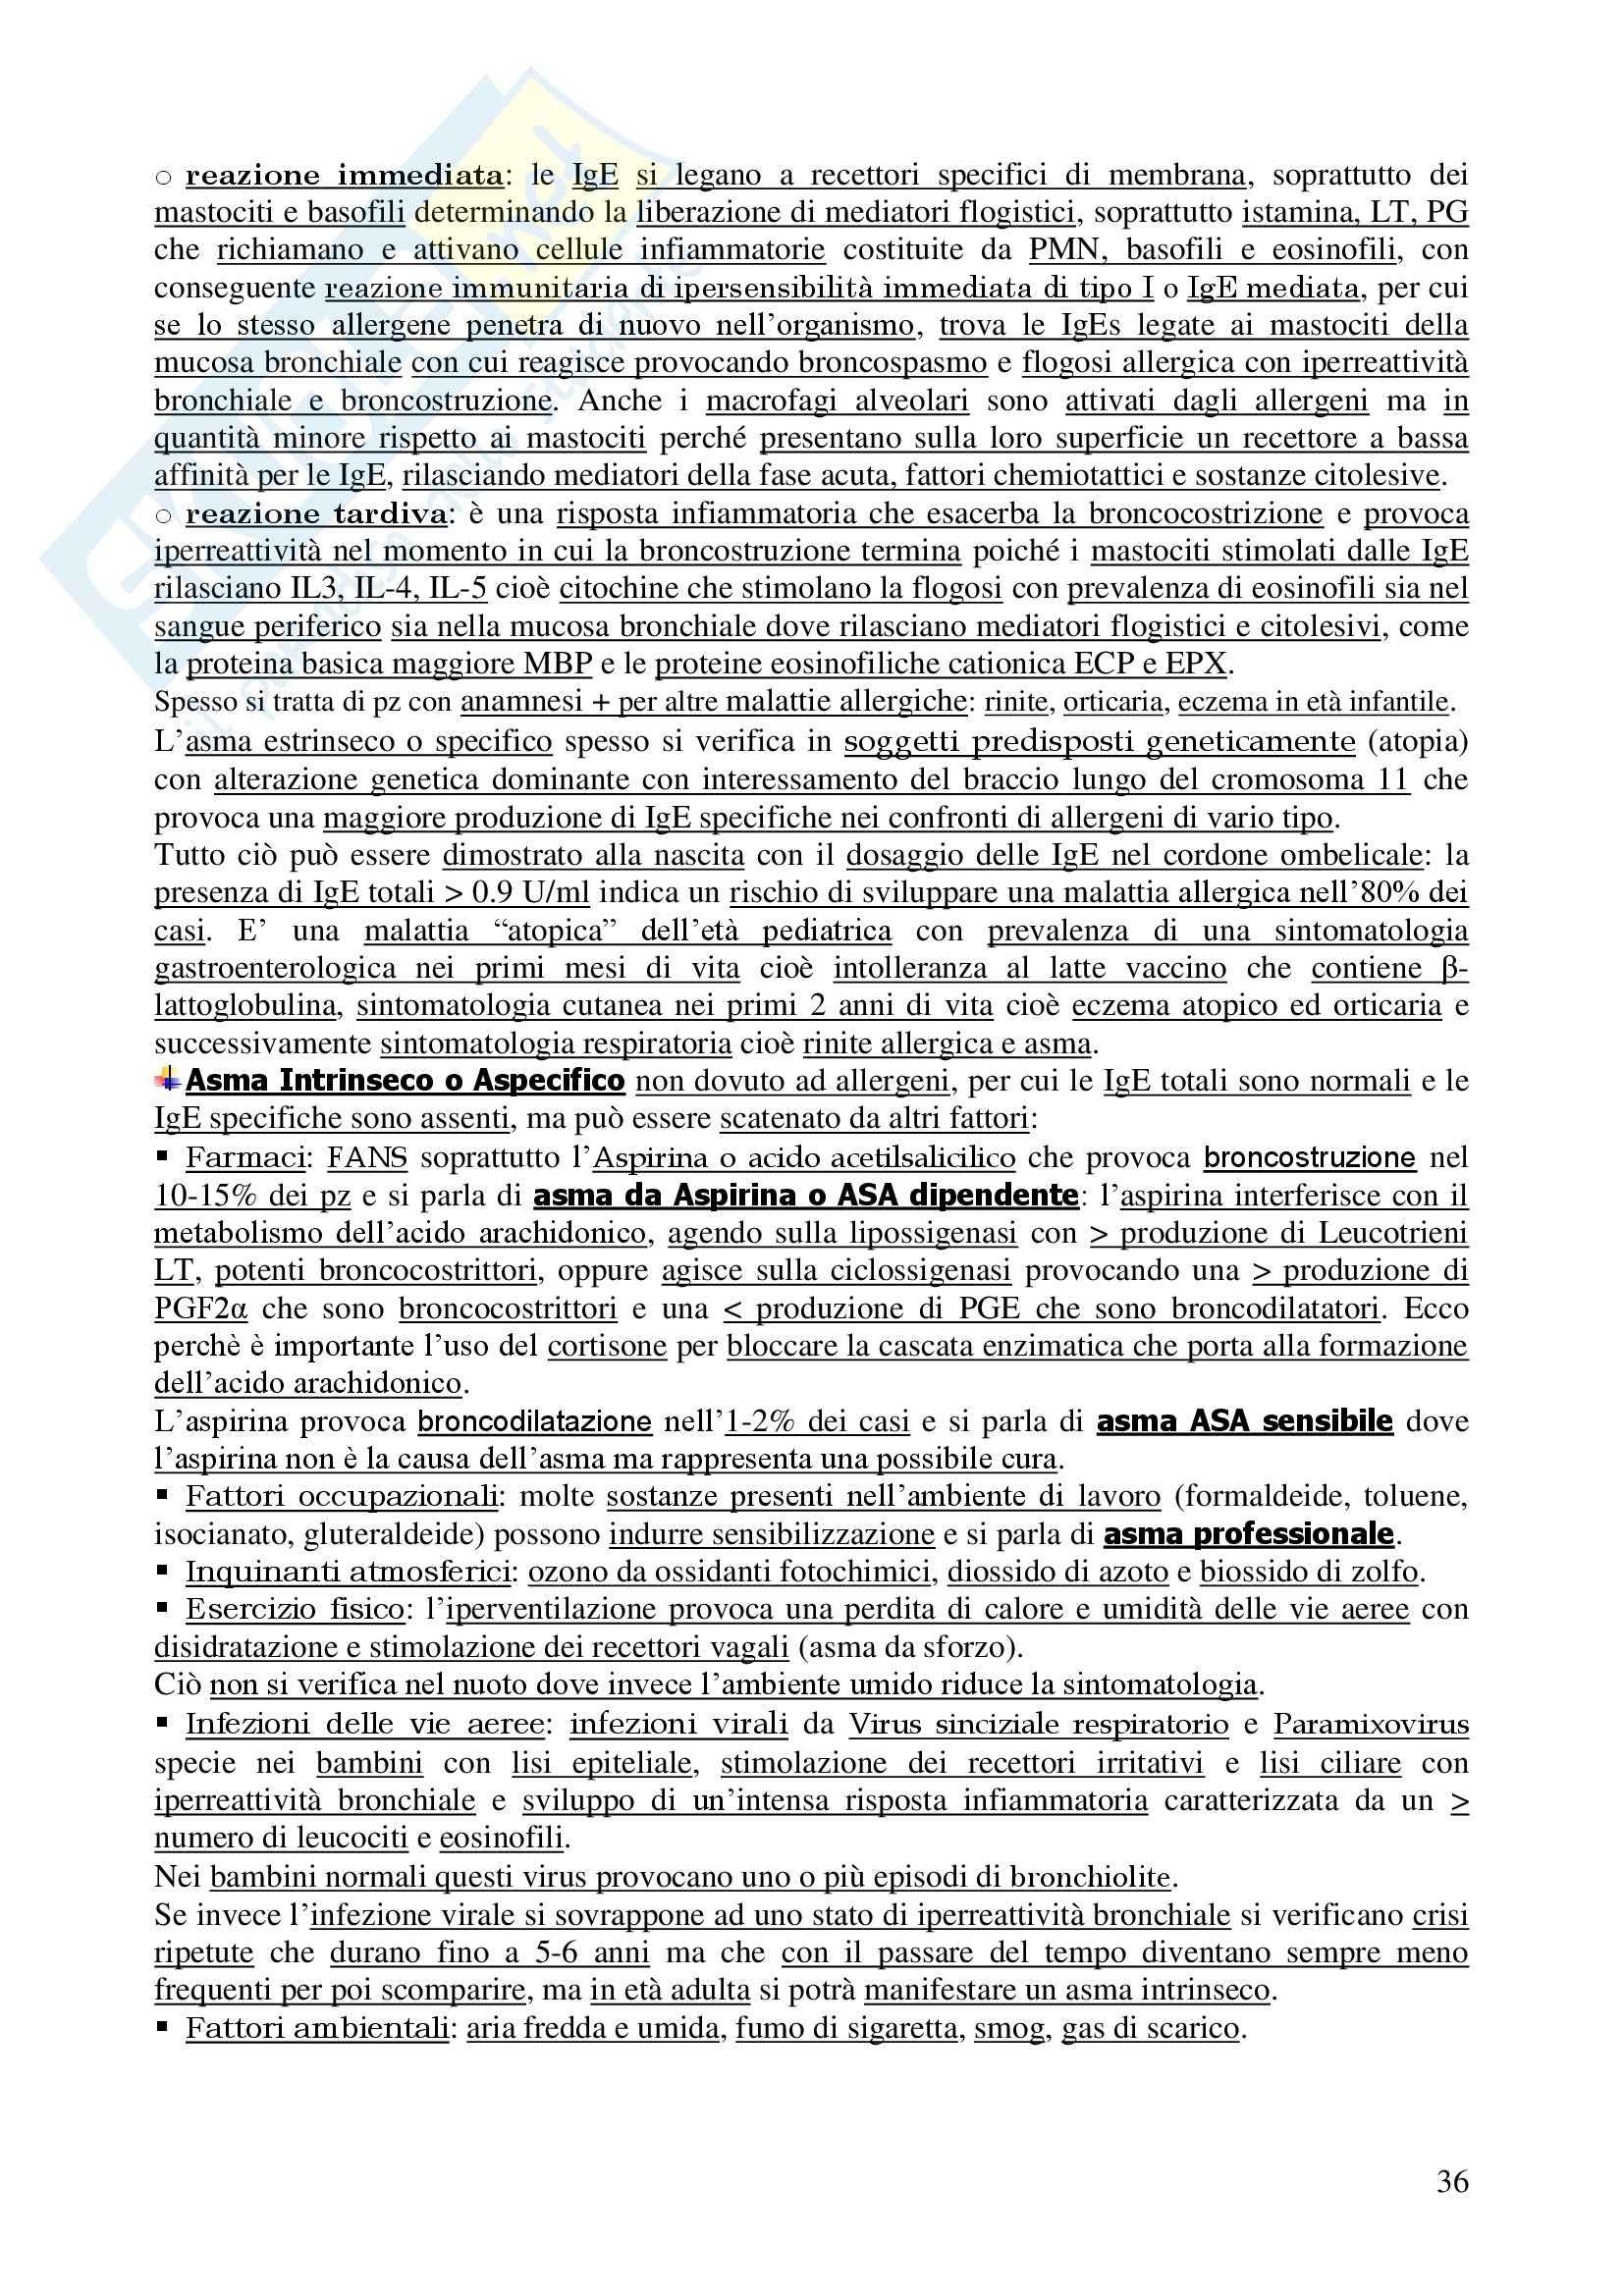 Pneumologia e Chirurgia Toracica Pag. 36